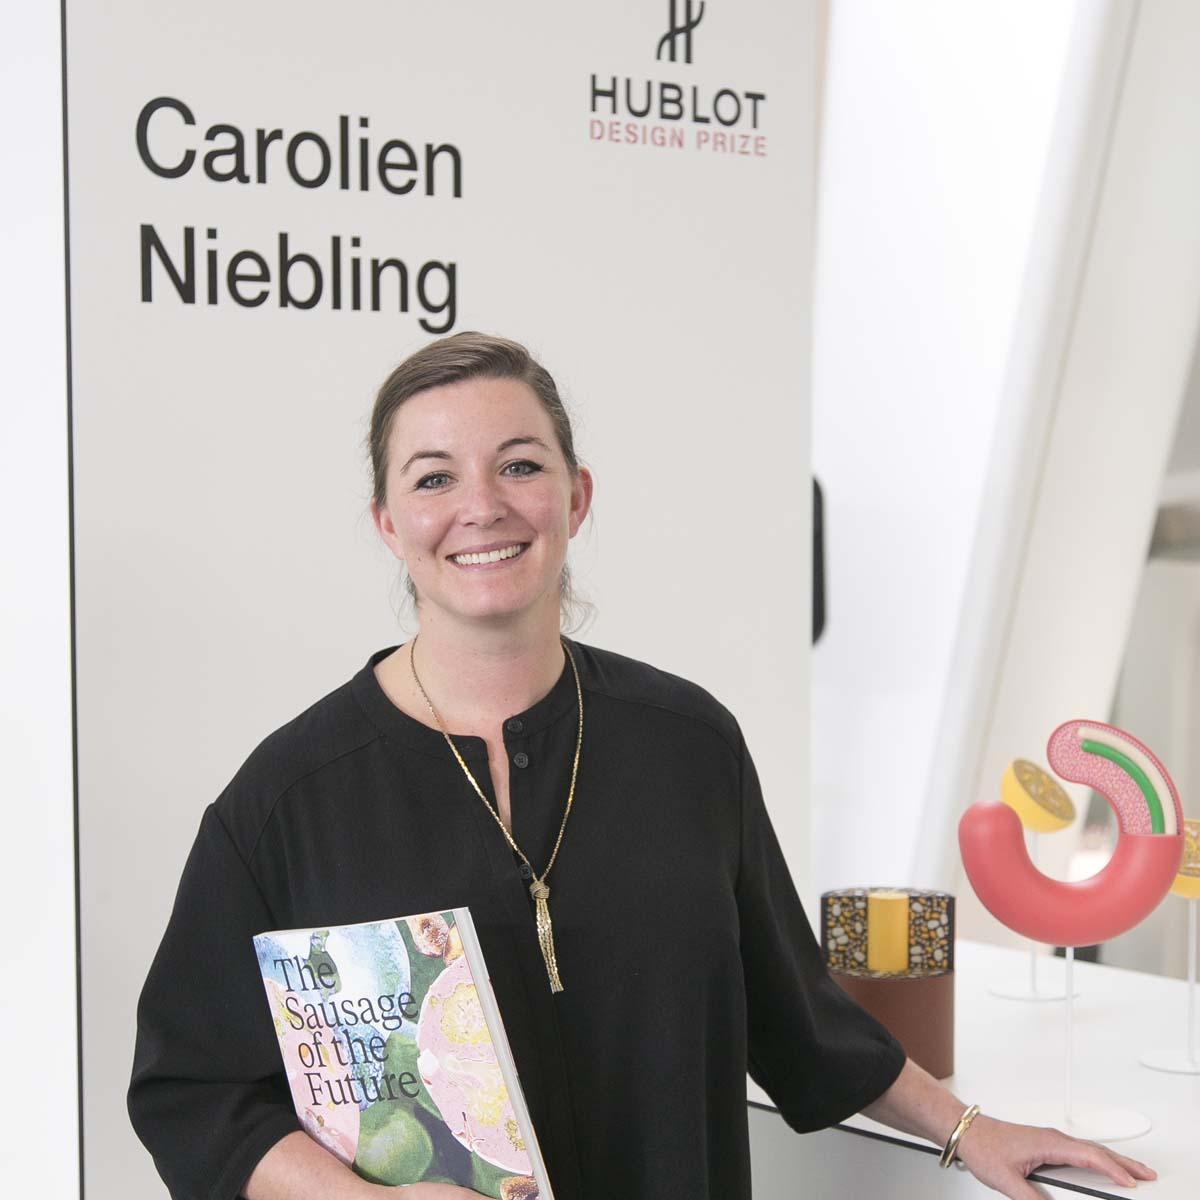 La Cote des Montres : Photo - Carolien Niebling remporte le Hublot Design Prize 2017